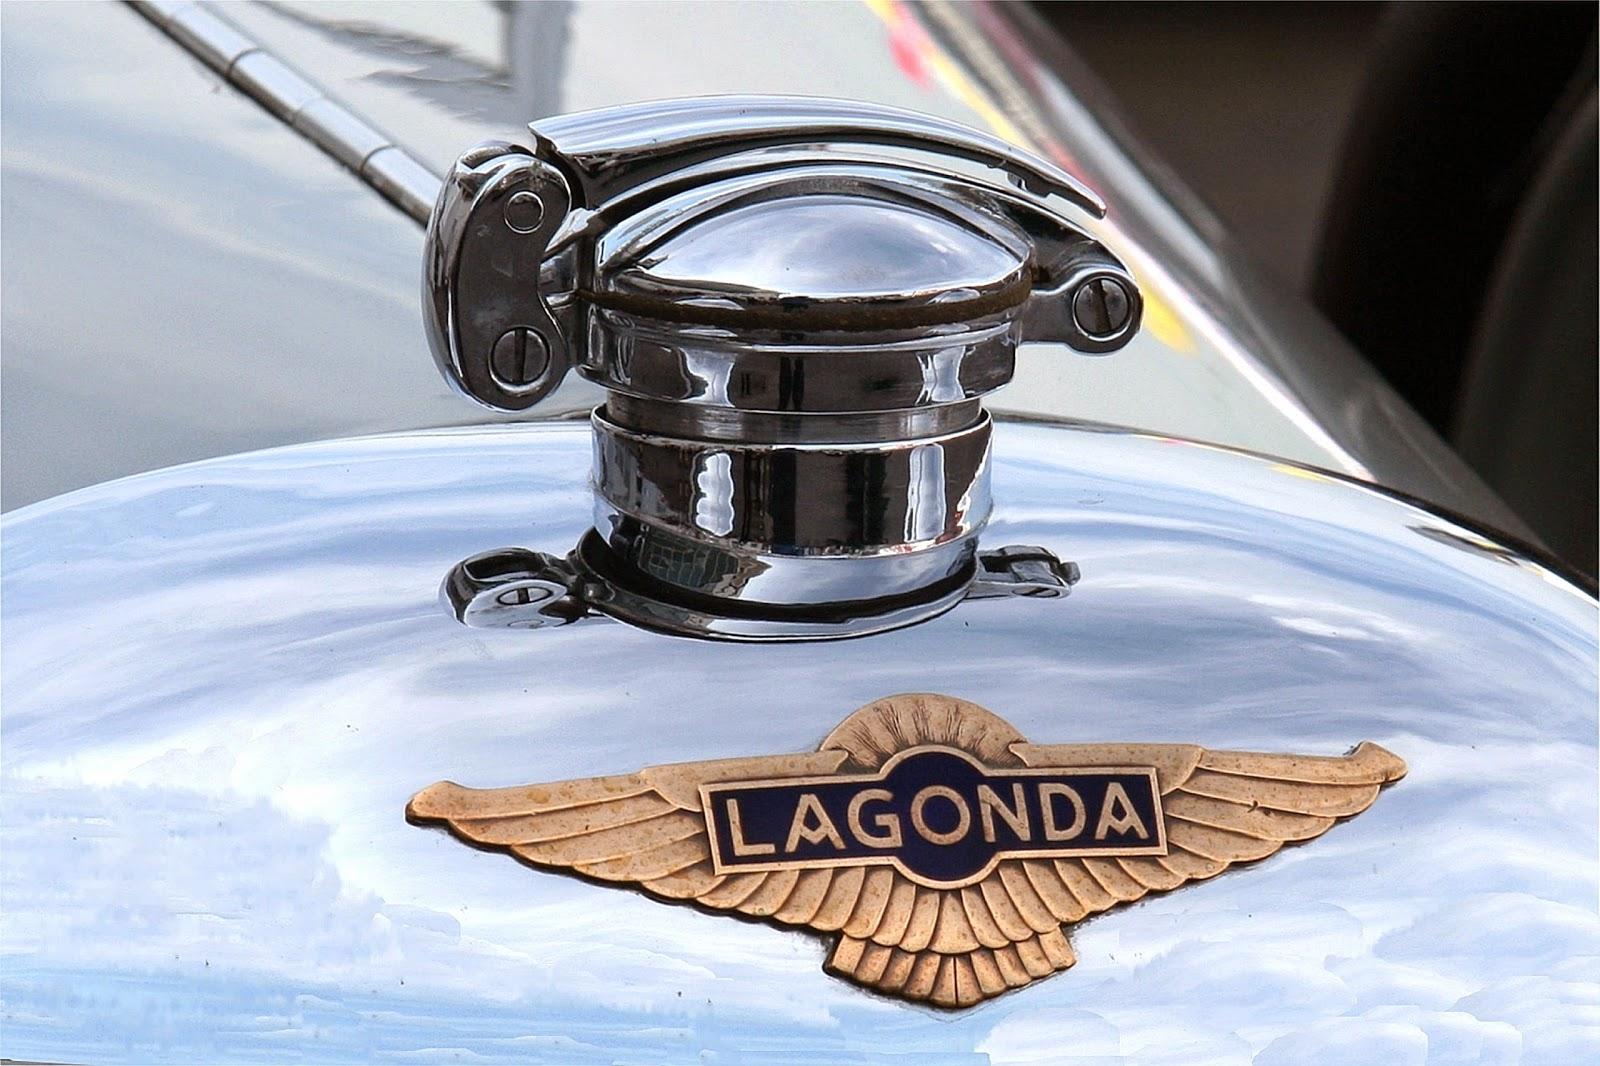 Histoire de la marque de voiture anglaise Lagonda